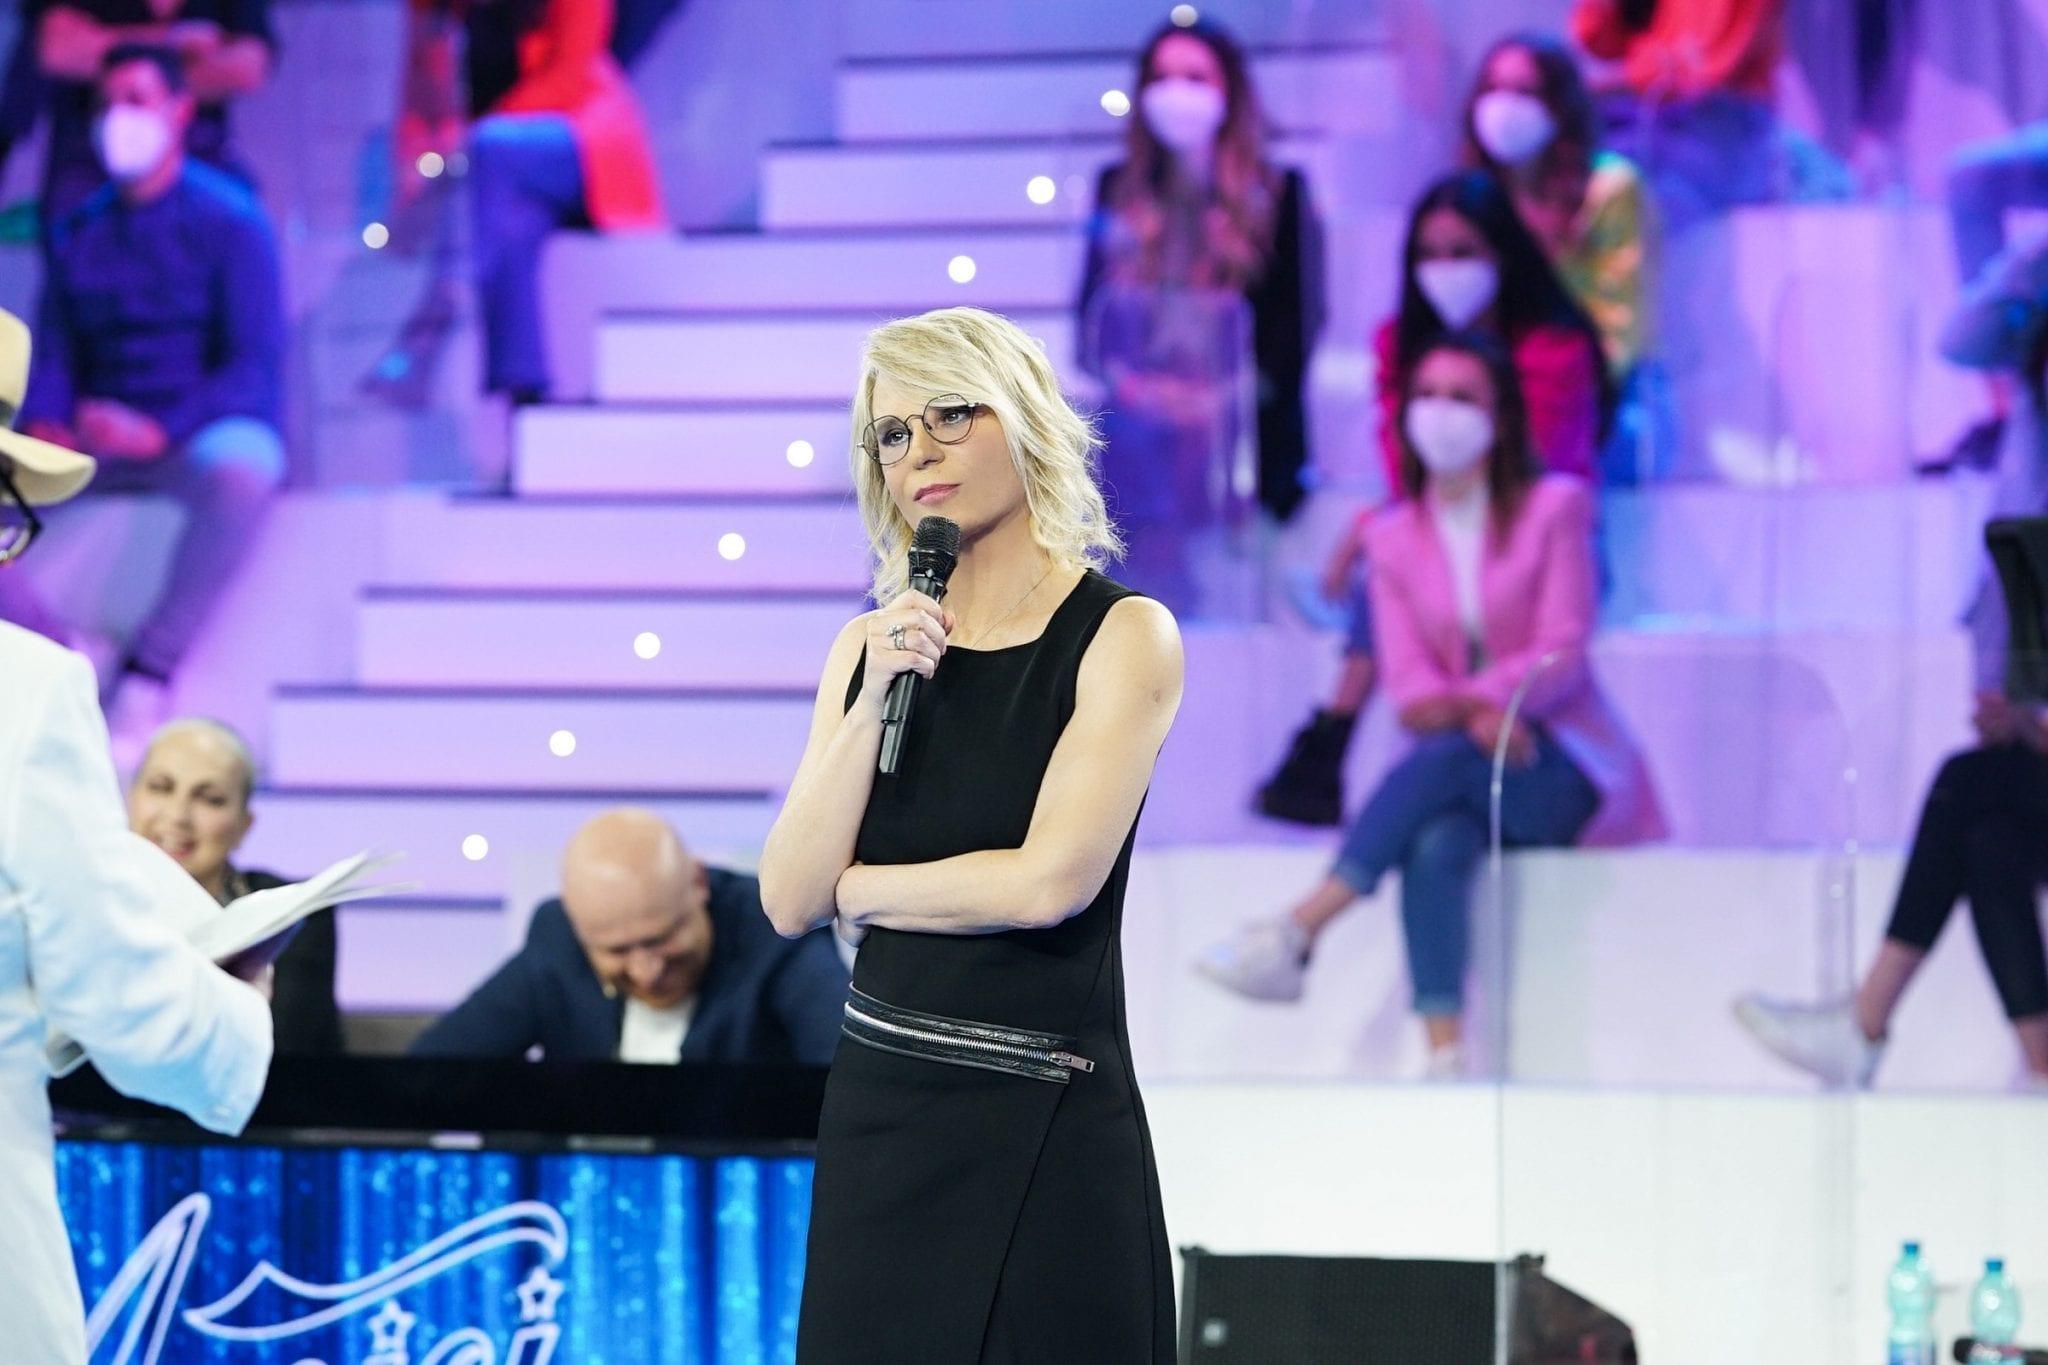 Live sabato 1 maggio 2021 · Amici 20 settima puntata. Condotto da Maria De Filippi, il talento show ritorna in onda in prima serata su Canale5